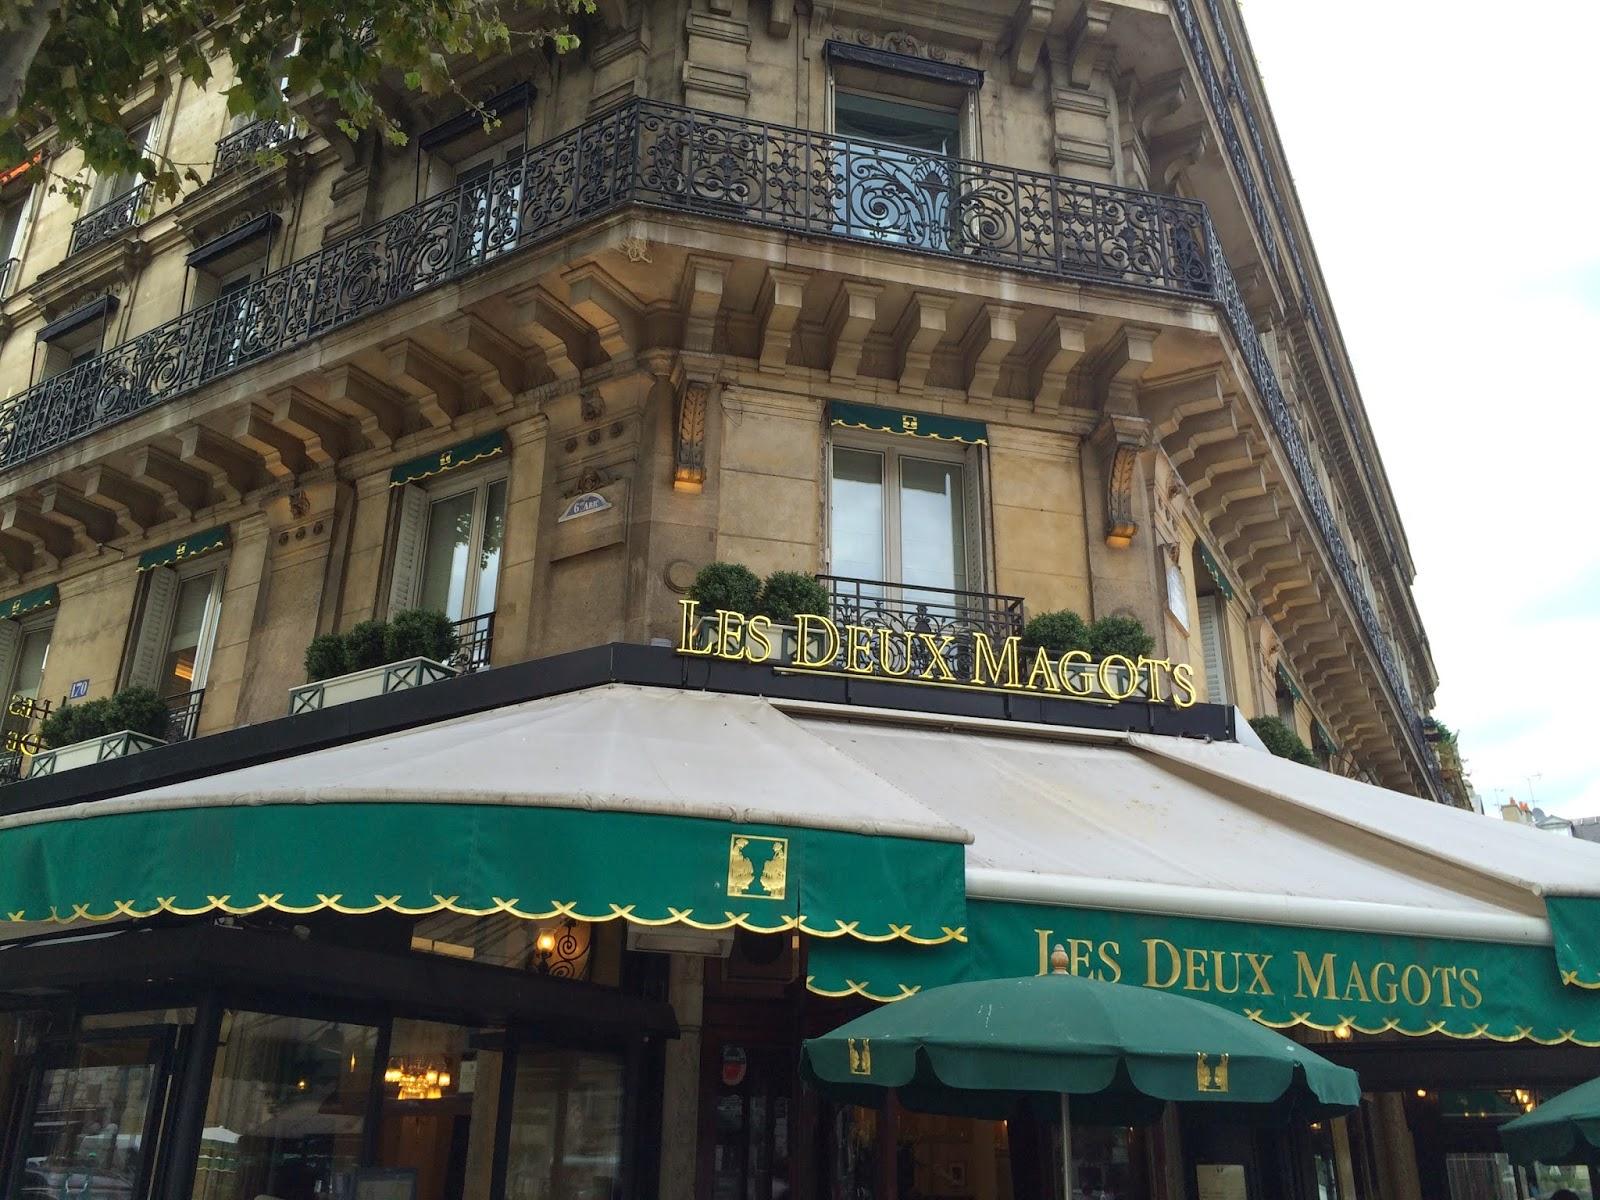 Cafe des Magots